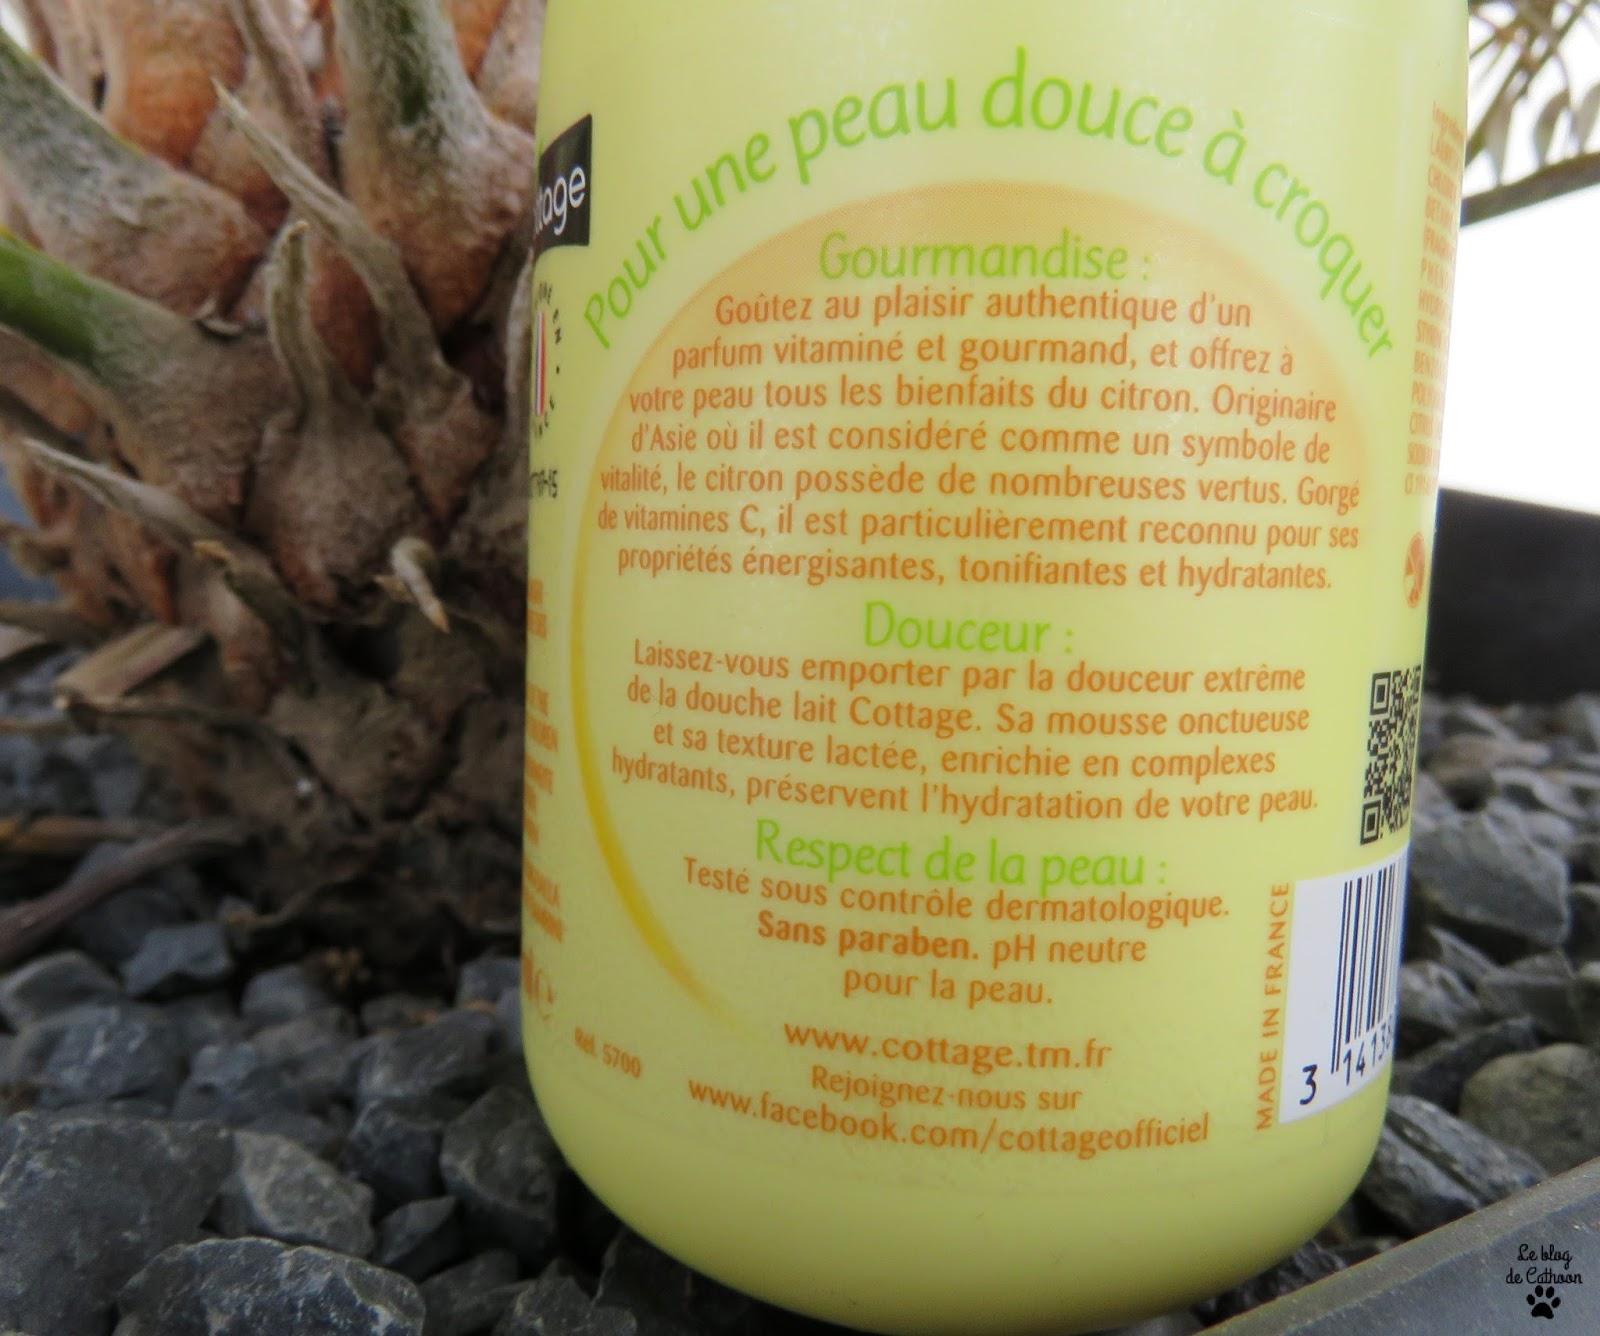 Citron Gourmand - Douche Lait Hydratant - Cottage